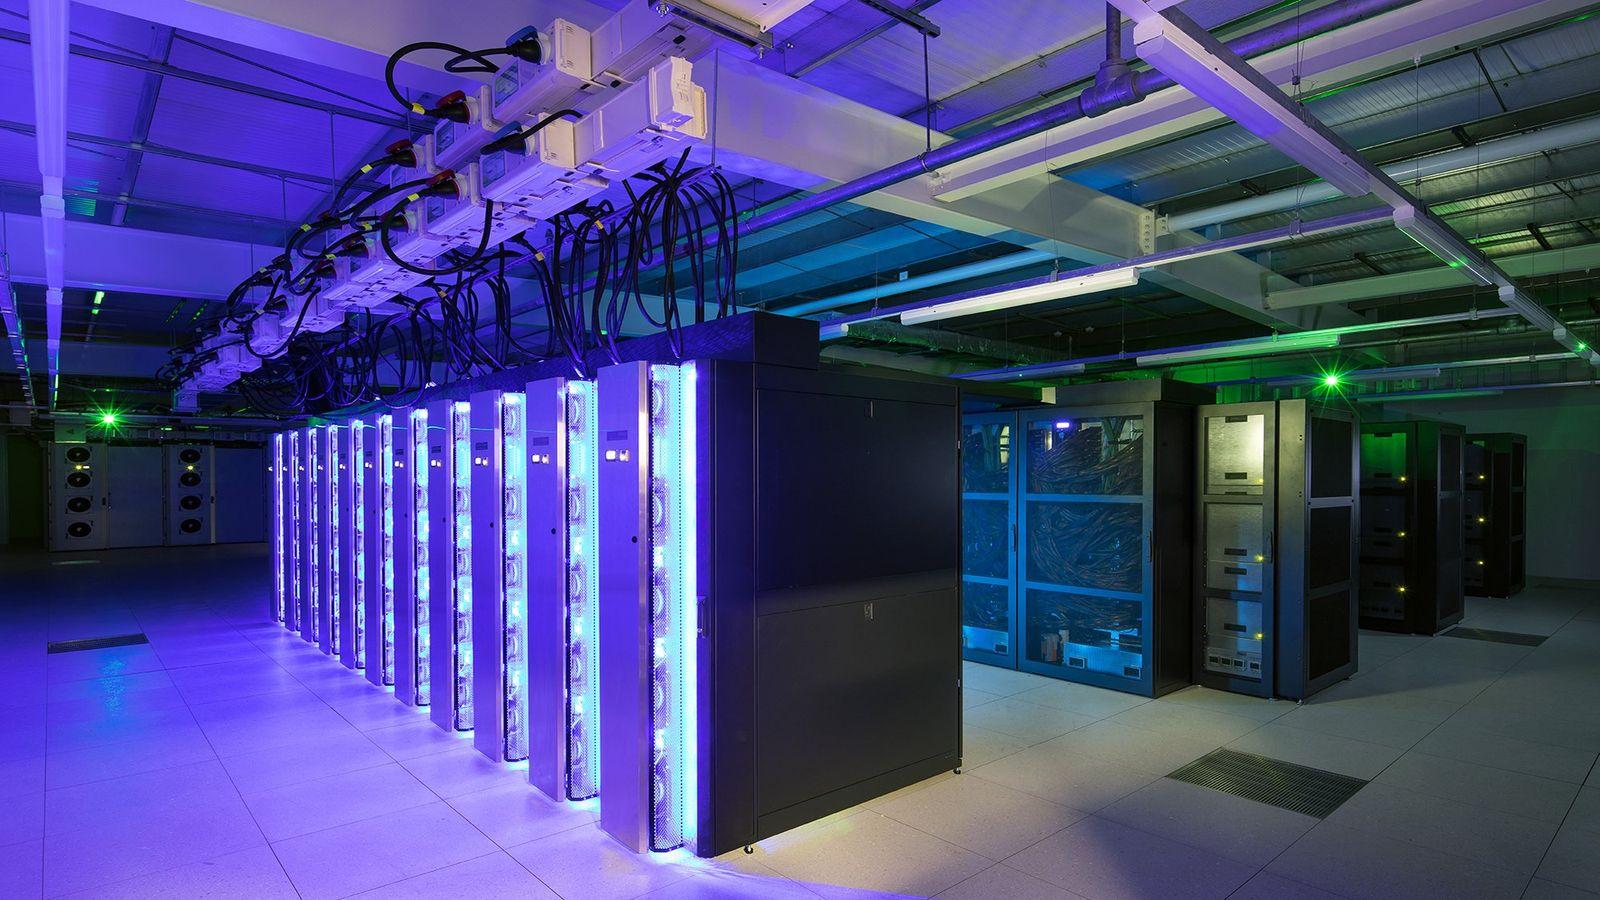 previsioni meteo super computer